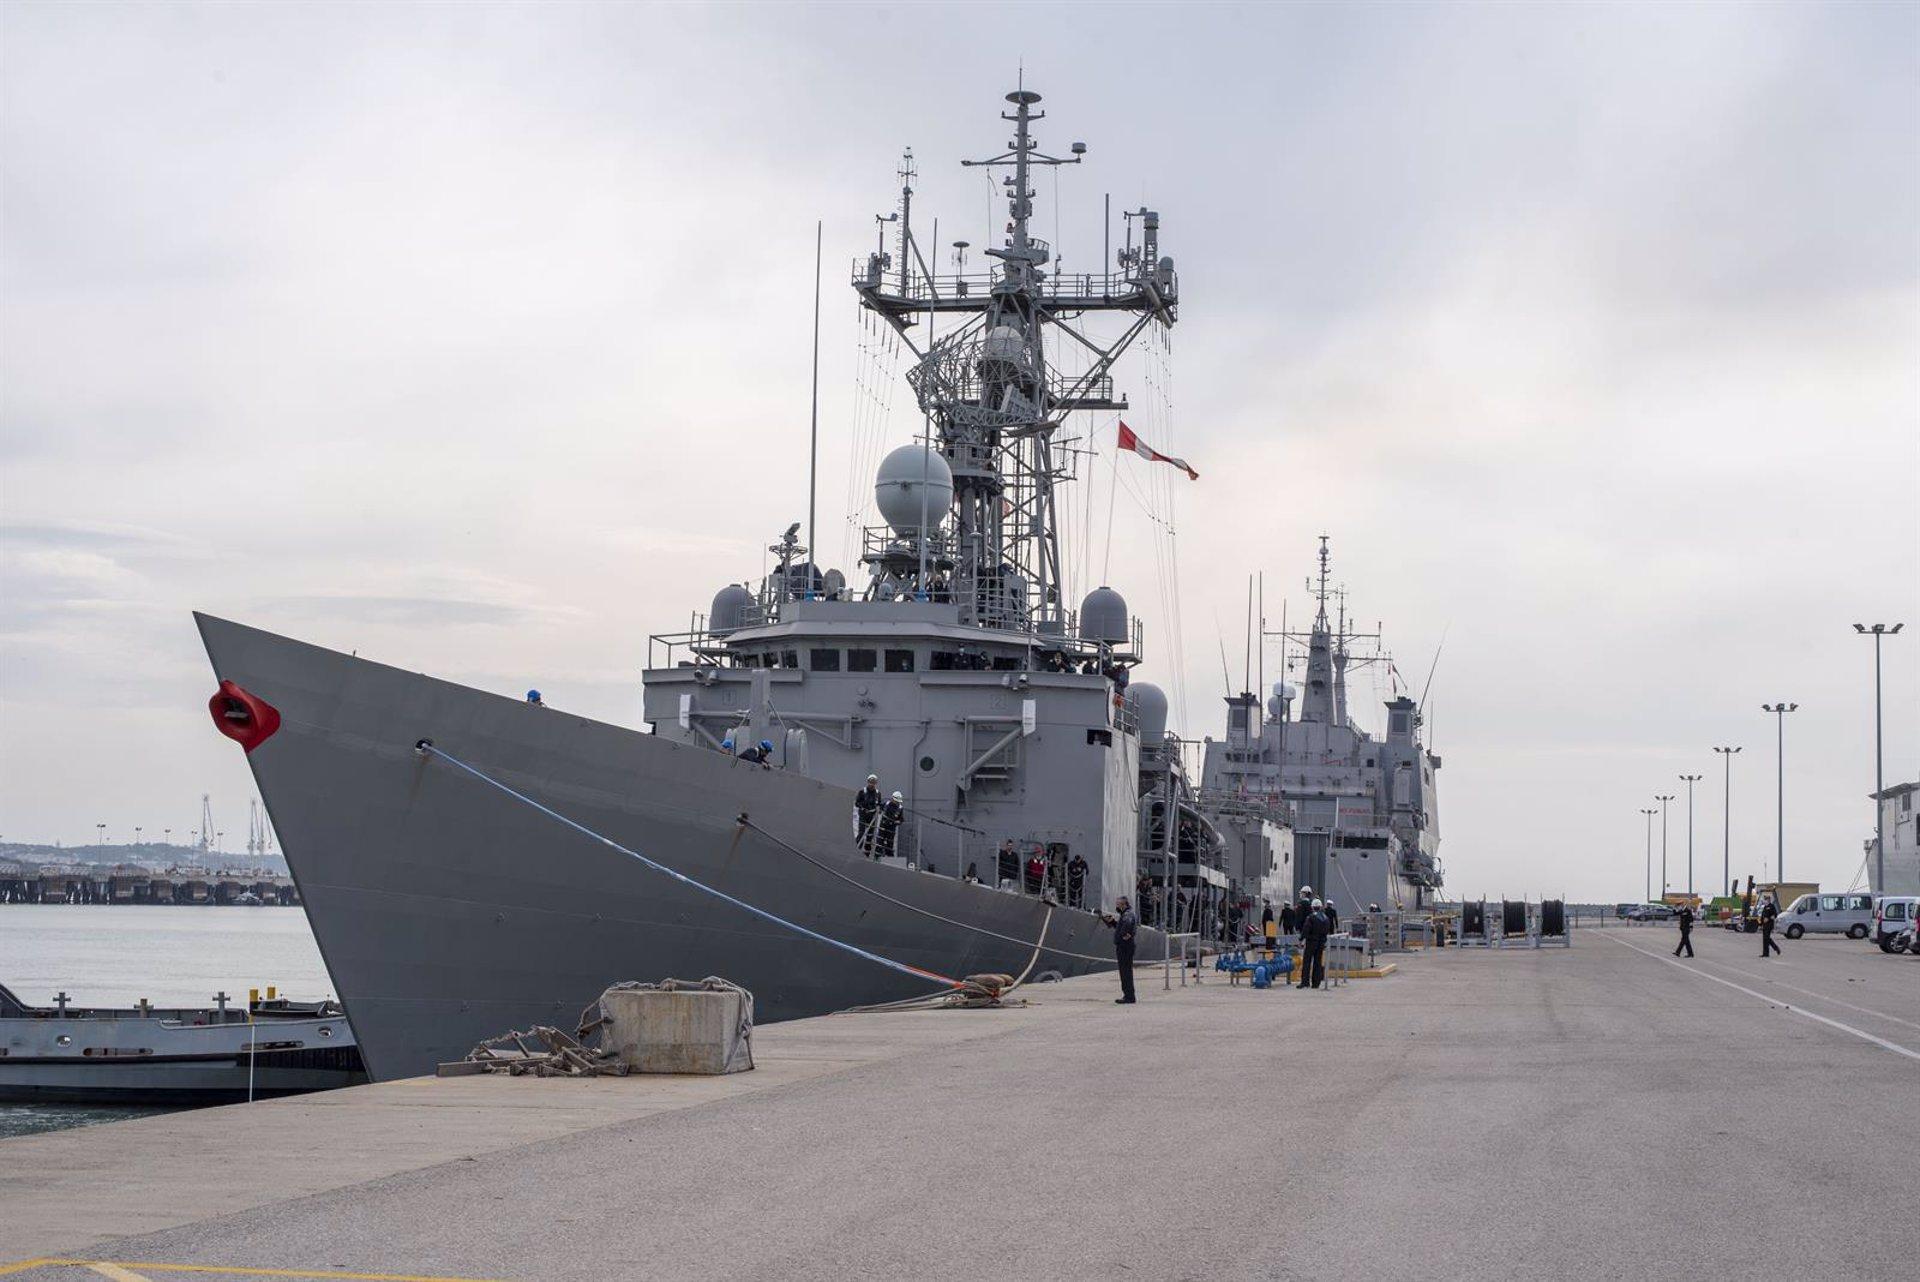 La fragata Reina Sofía visita el puerto de Motril este miércoles